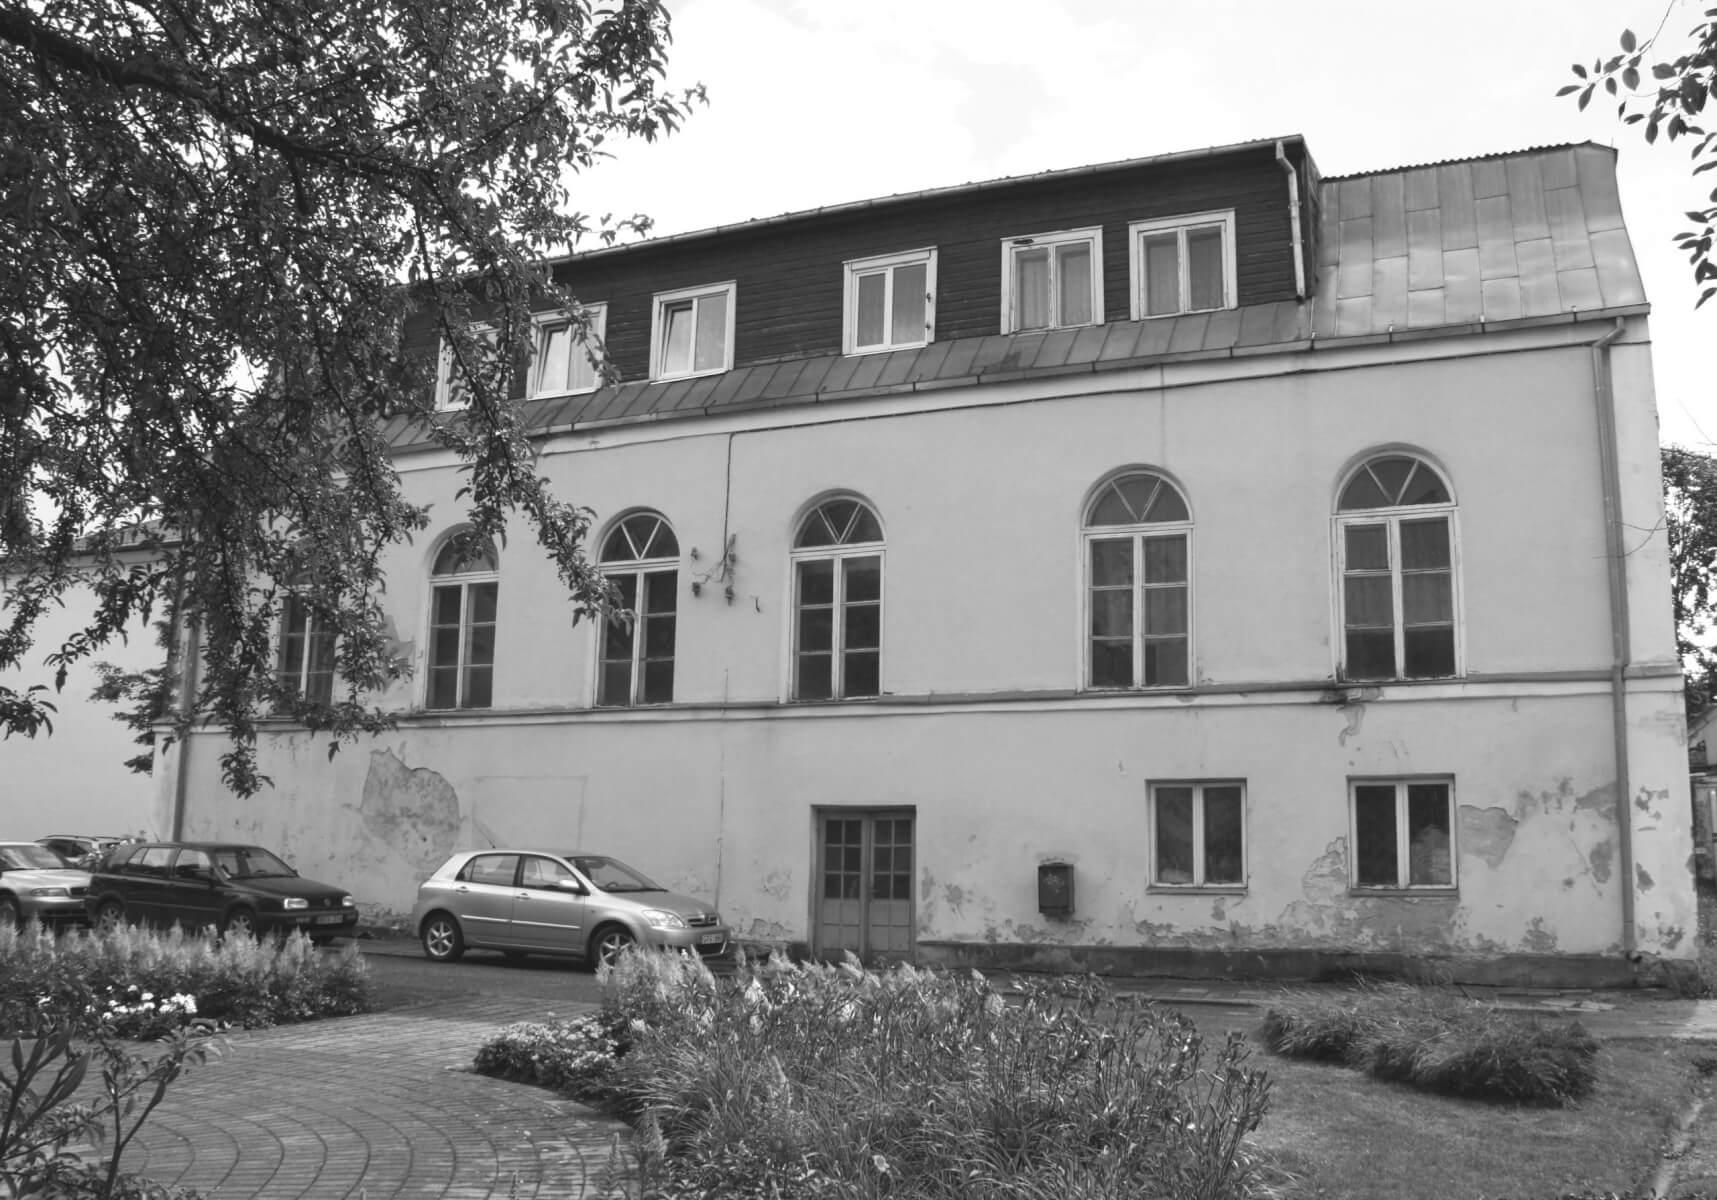 Kupiškio rajono savivaldybės viešoji biblioteka. (Buvusi Didžioji Kupiškio sinagoga statyta baroko epochoje). 2016 m.